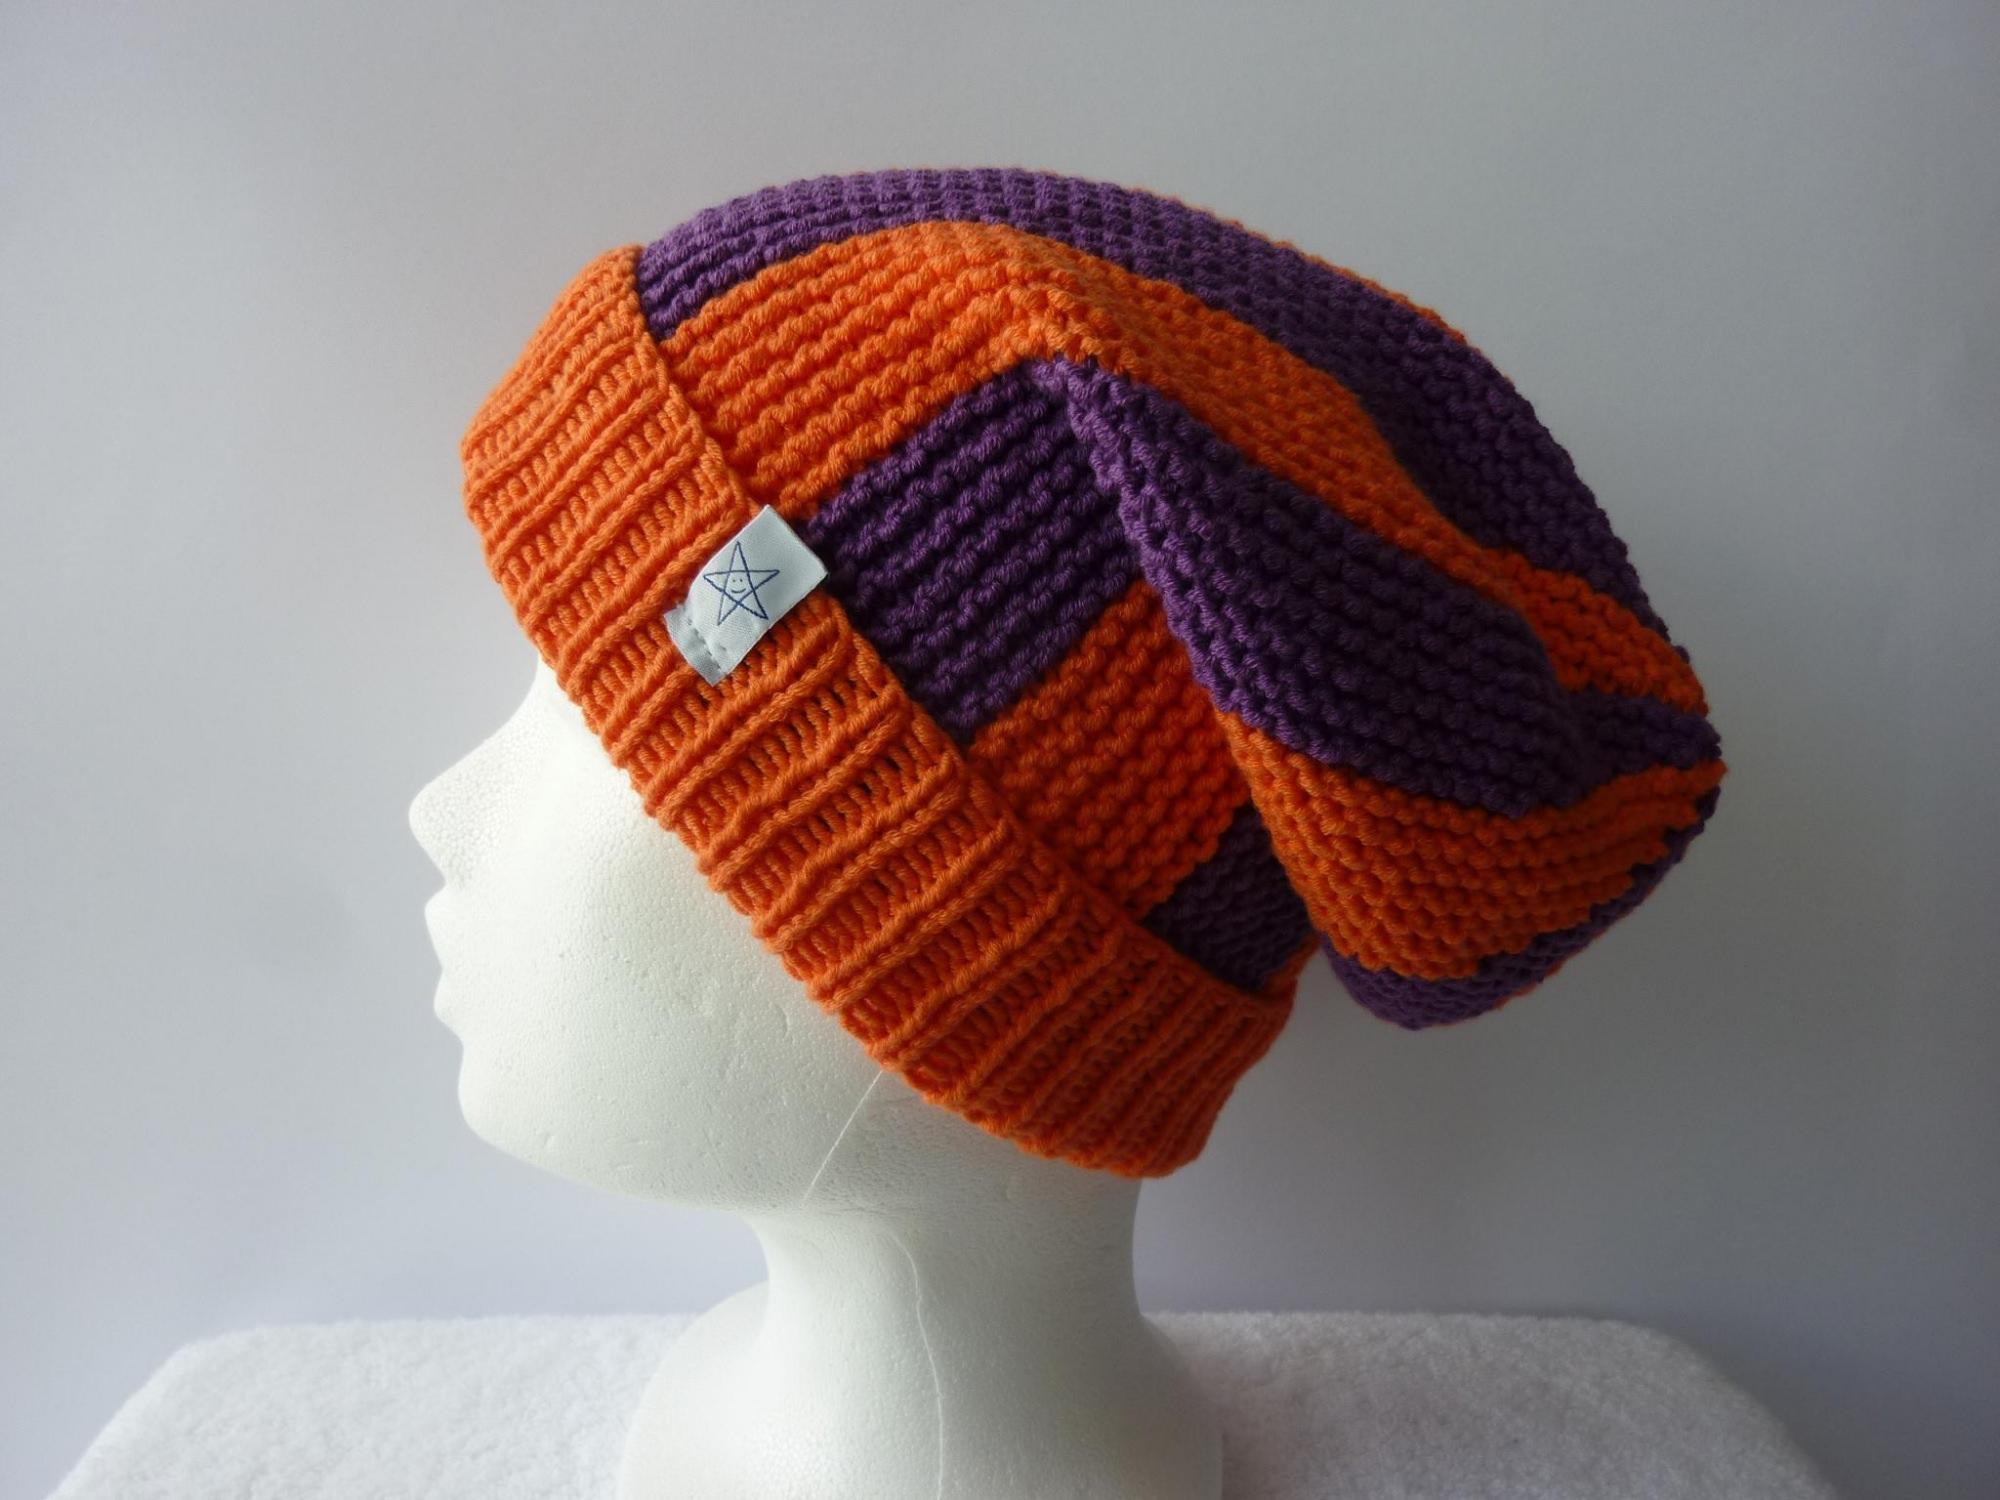 - Strickmütze Orange und Lila aus Baumwolle handgestrickt - Strickmütze Orange und Lila aus Baumwolle handgestrickt